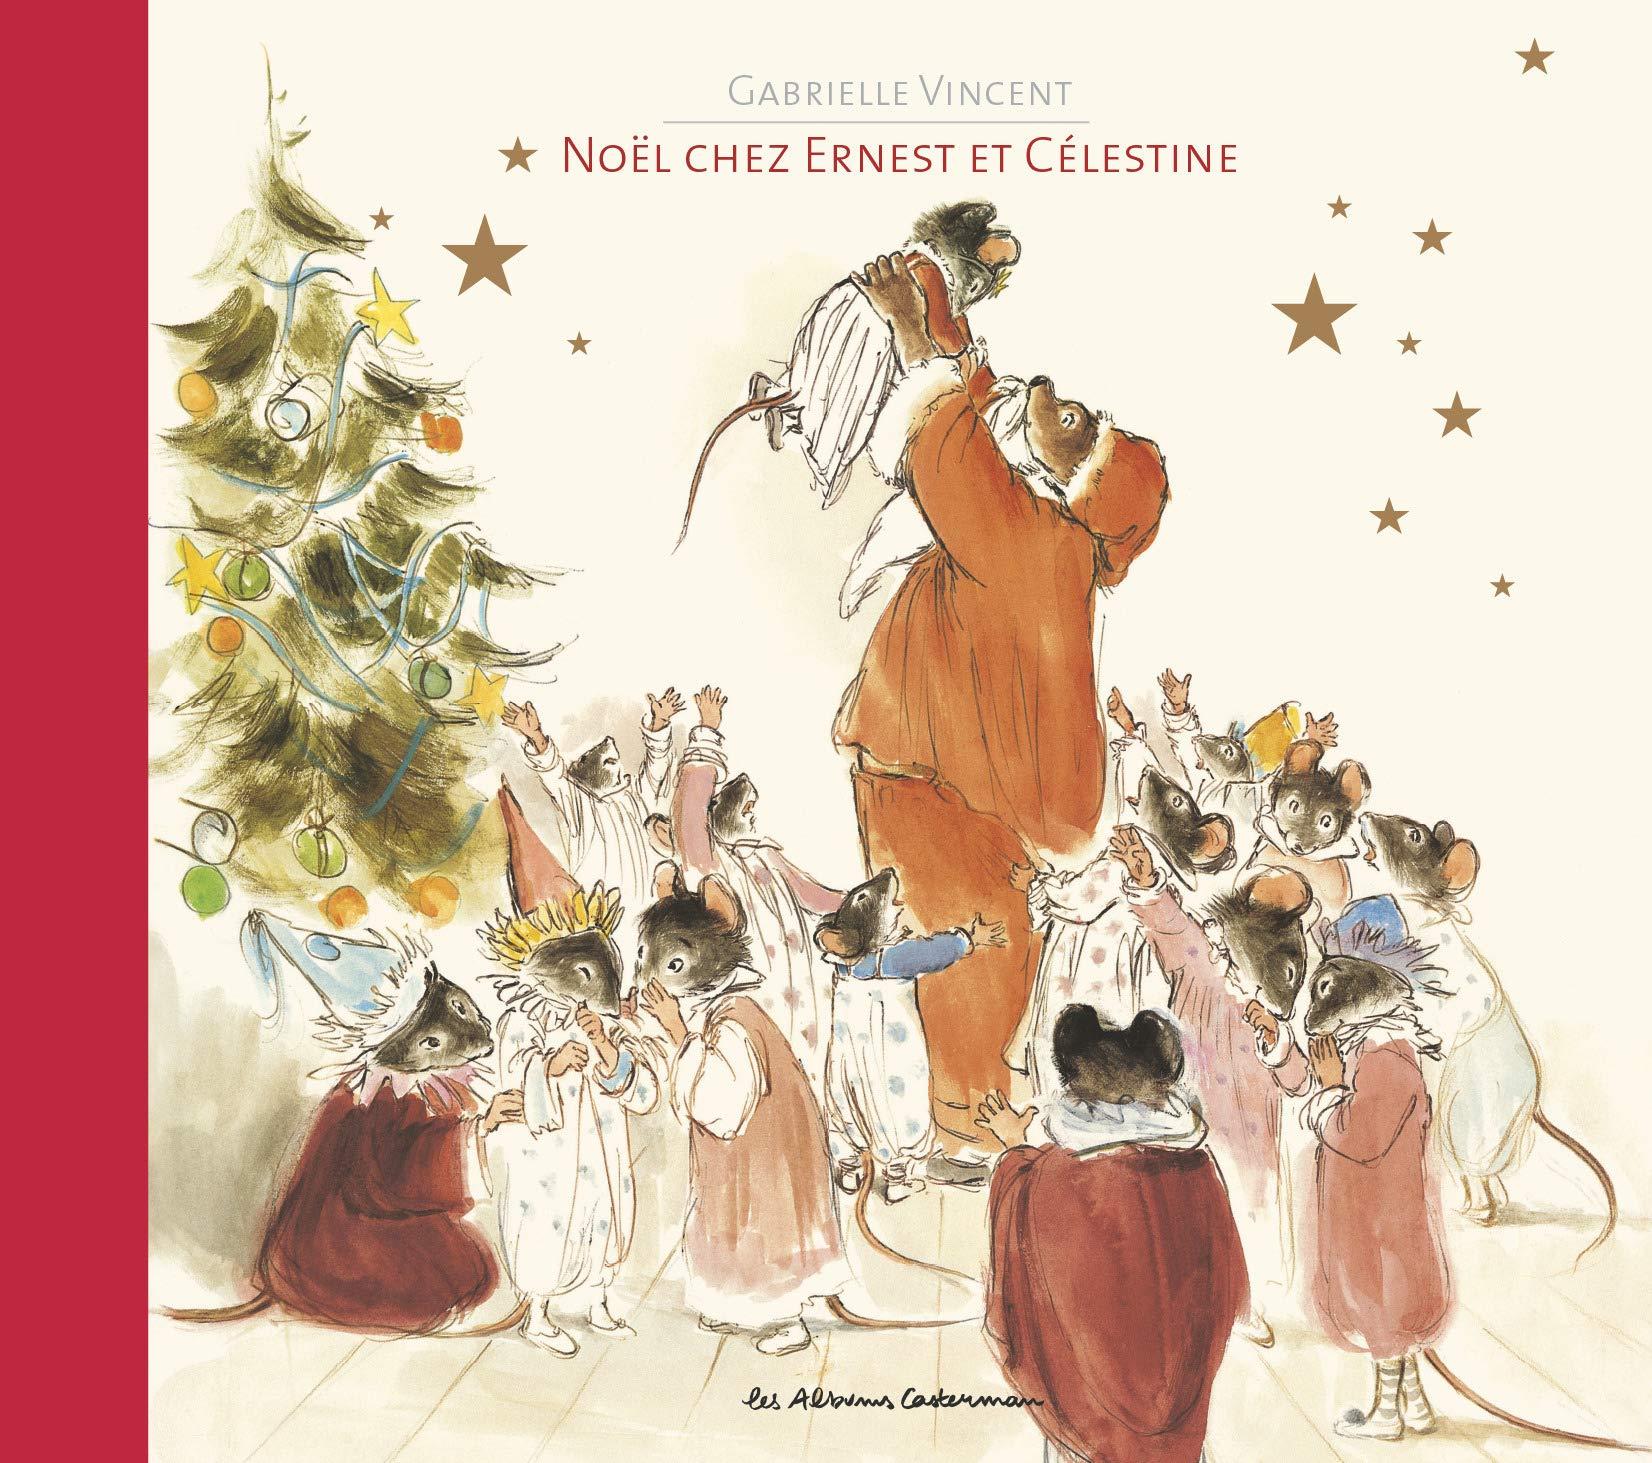 Noel Chez Ernest Et Celestine Les Albums D Ernest Et Celestine French Edition Gabrielle Vincent Casterman 9782203040434 Amazon Com Books